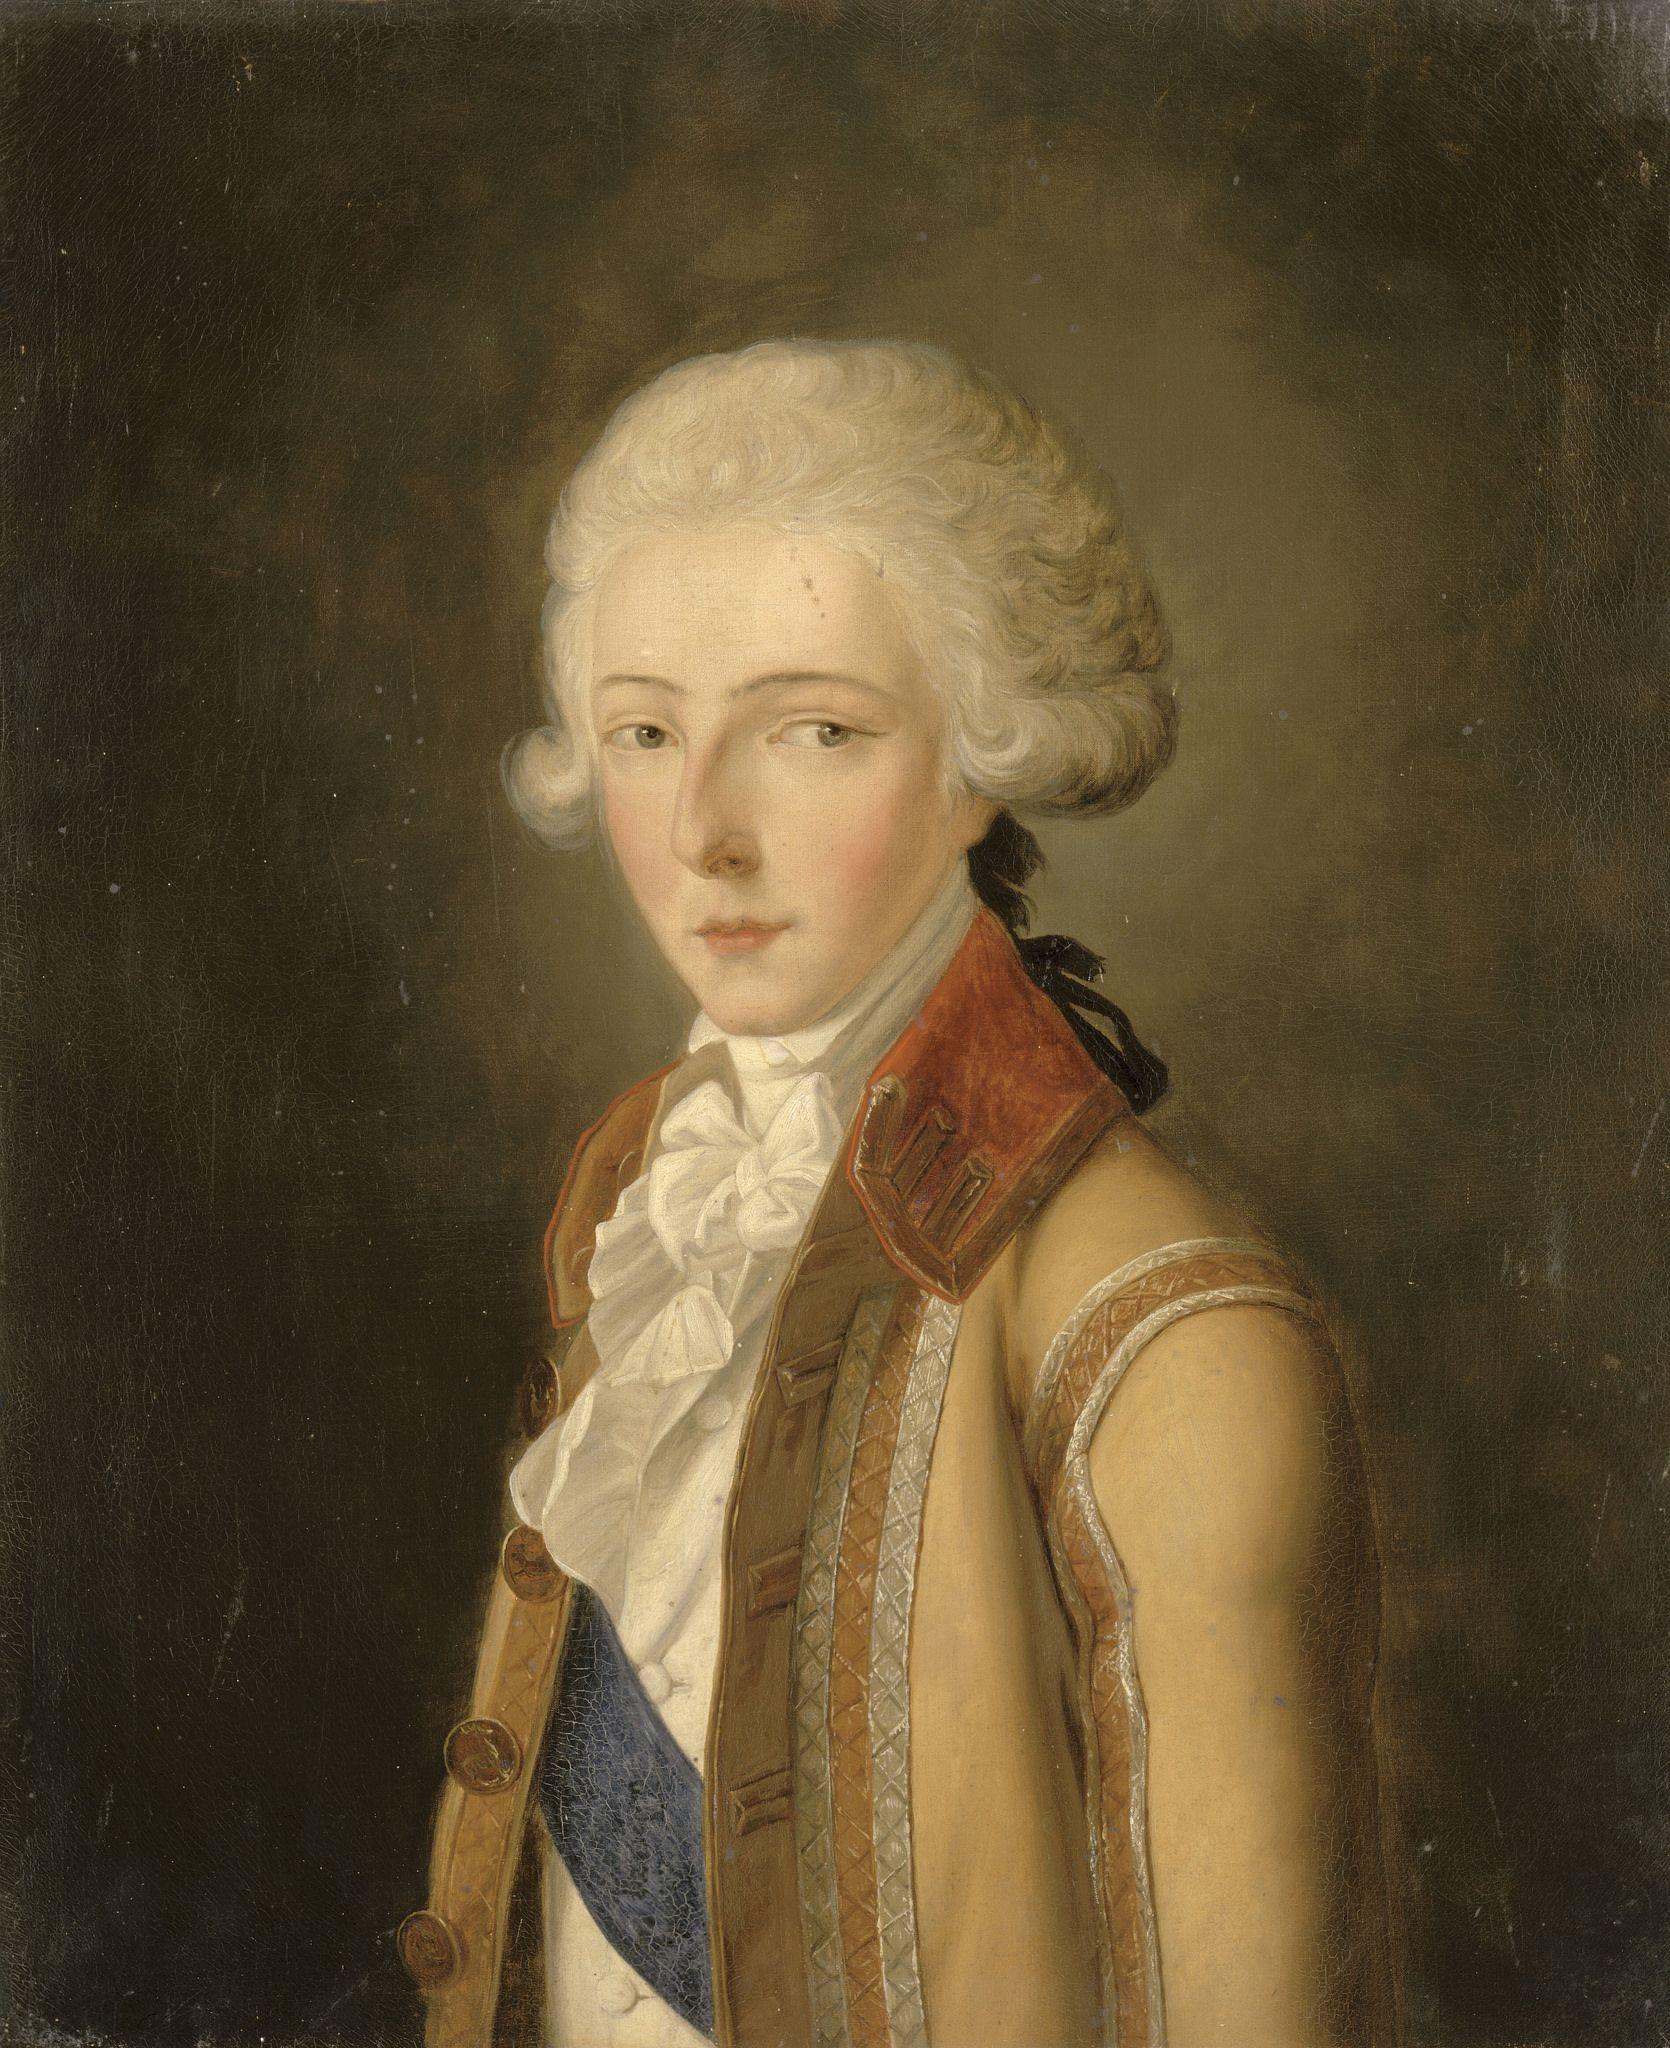 Sar Le Prince Du Sang Louis Antoine Henri De Bourbon Conde Monsieur Le Duc D Enghien Portrait Painting Portrait Culture Art